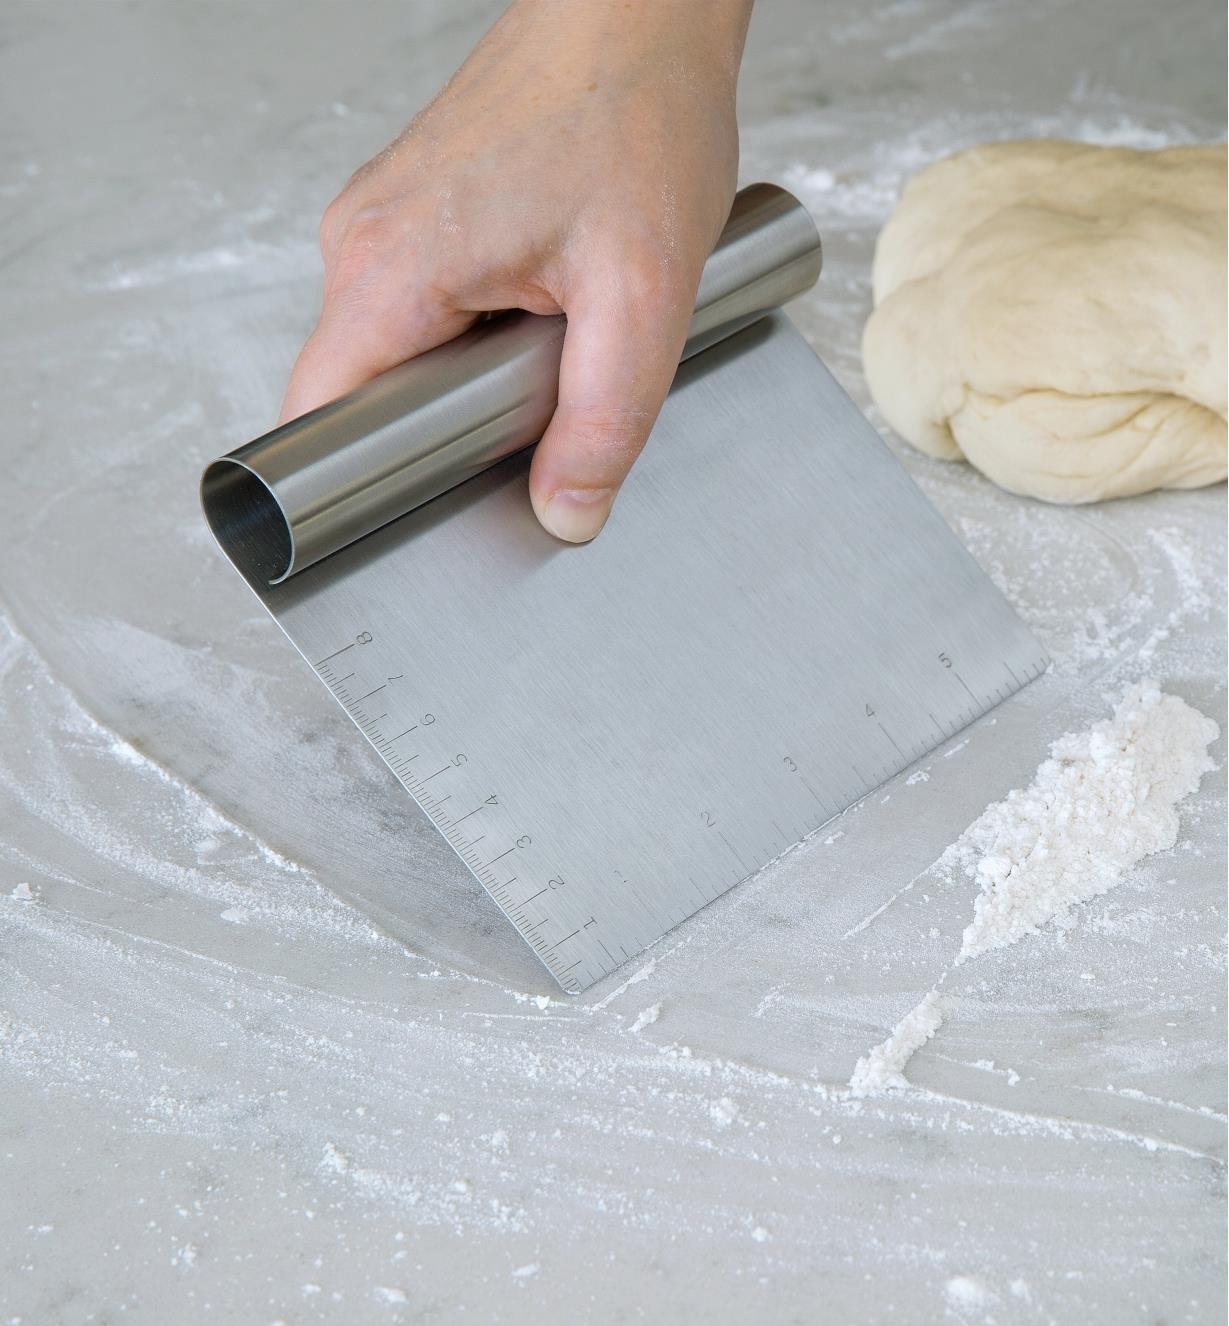 Personne raclant de la farine sur un comptoir avec un racloir à pâte